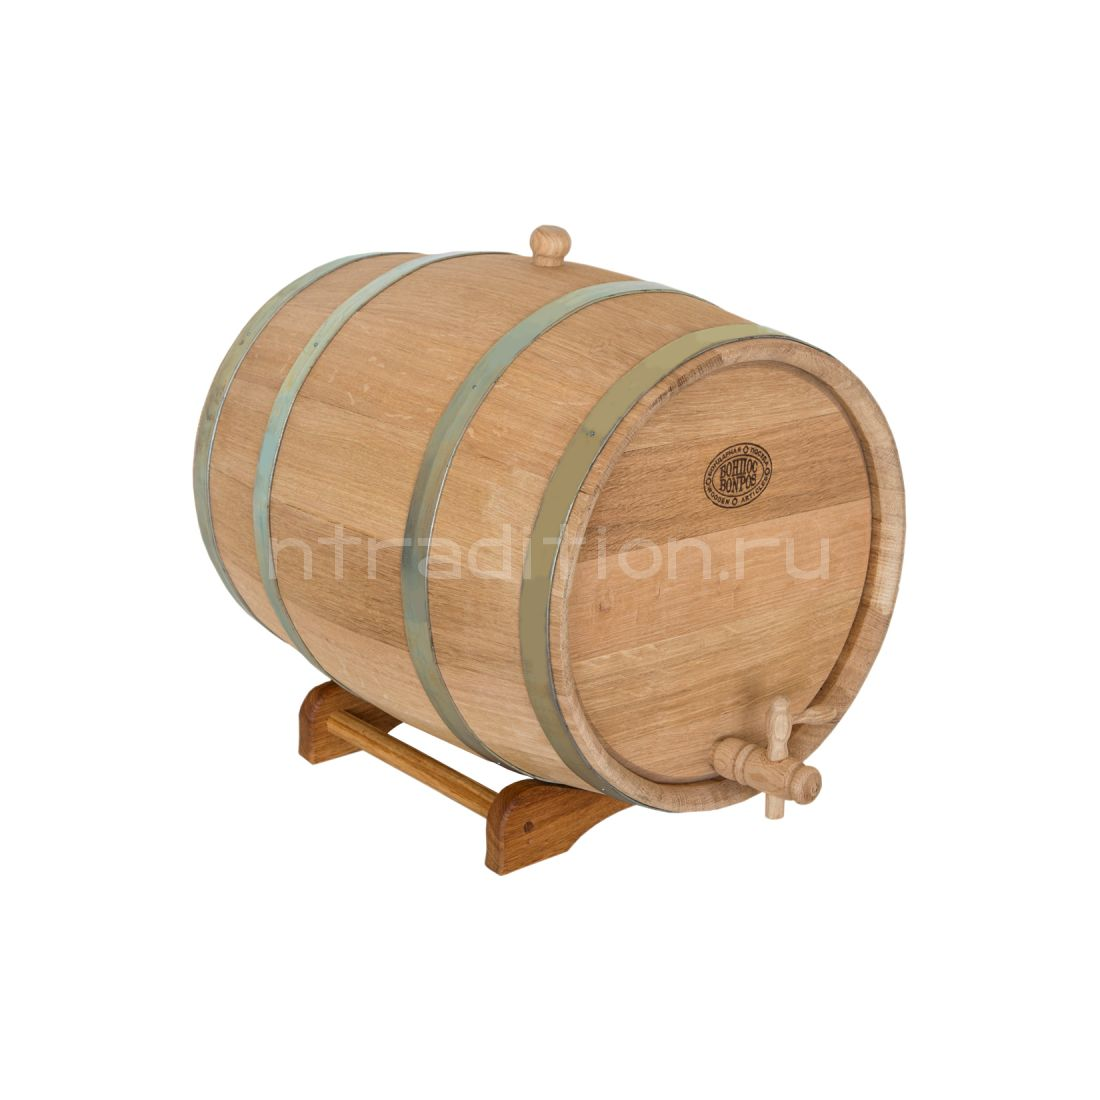 Дубовая бочка для самогона, вина, коньяка (БонПос), 30 литров